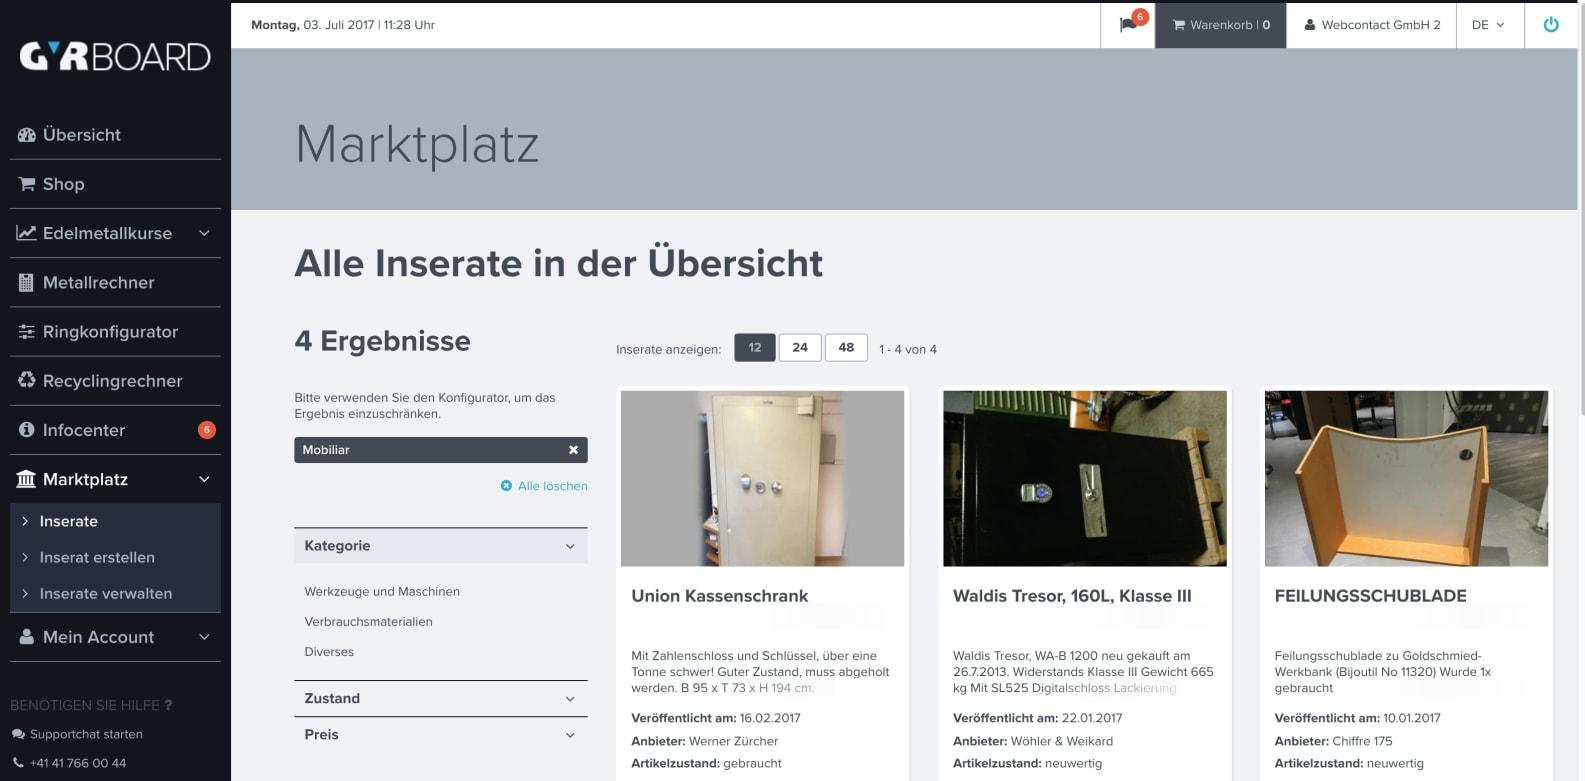 Screenshot Marktplatz GYRBOARD – Wie entstand das Kundenportal der GYR Edelmetalle AG?